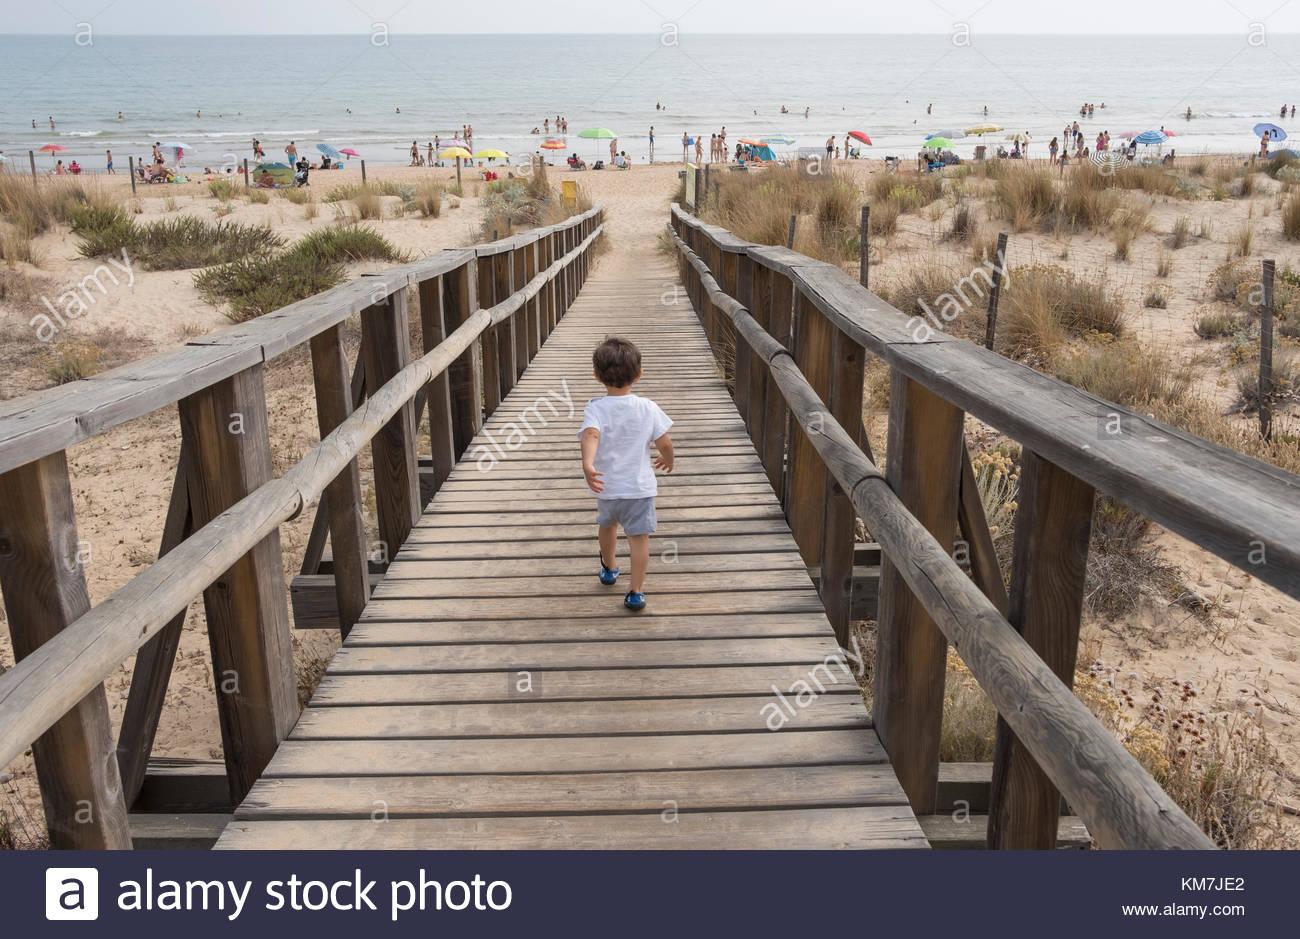 Chico joven corriendo a la playa en la pasarela de madera Imagen De Stock